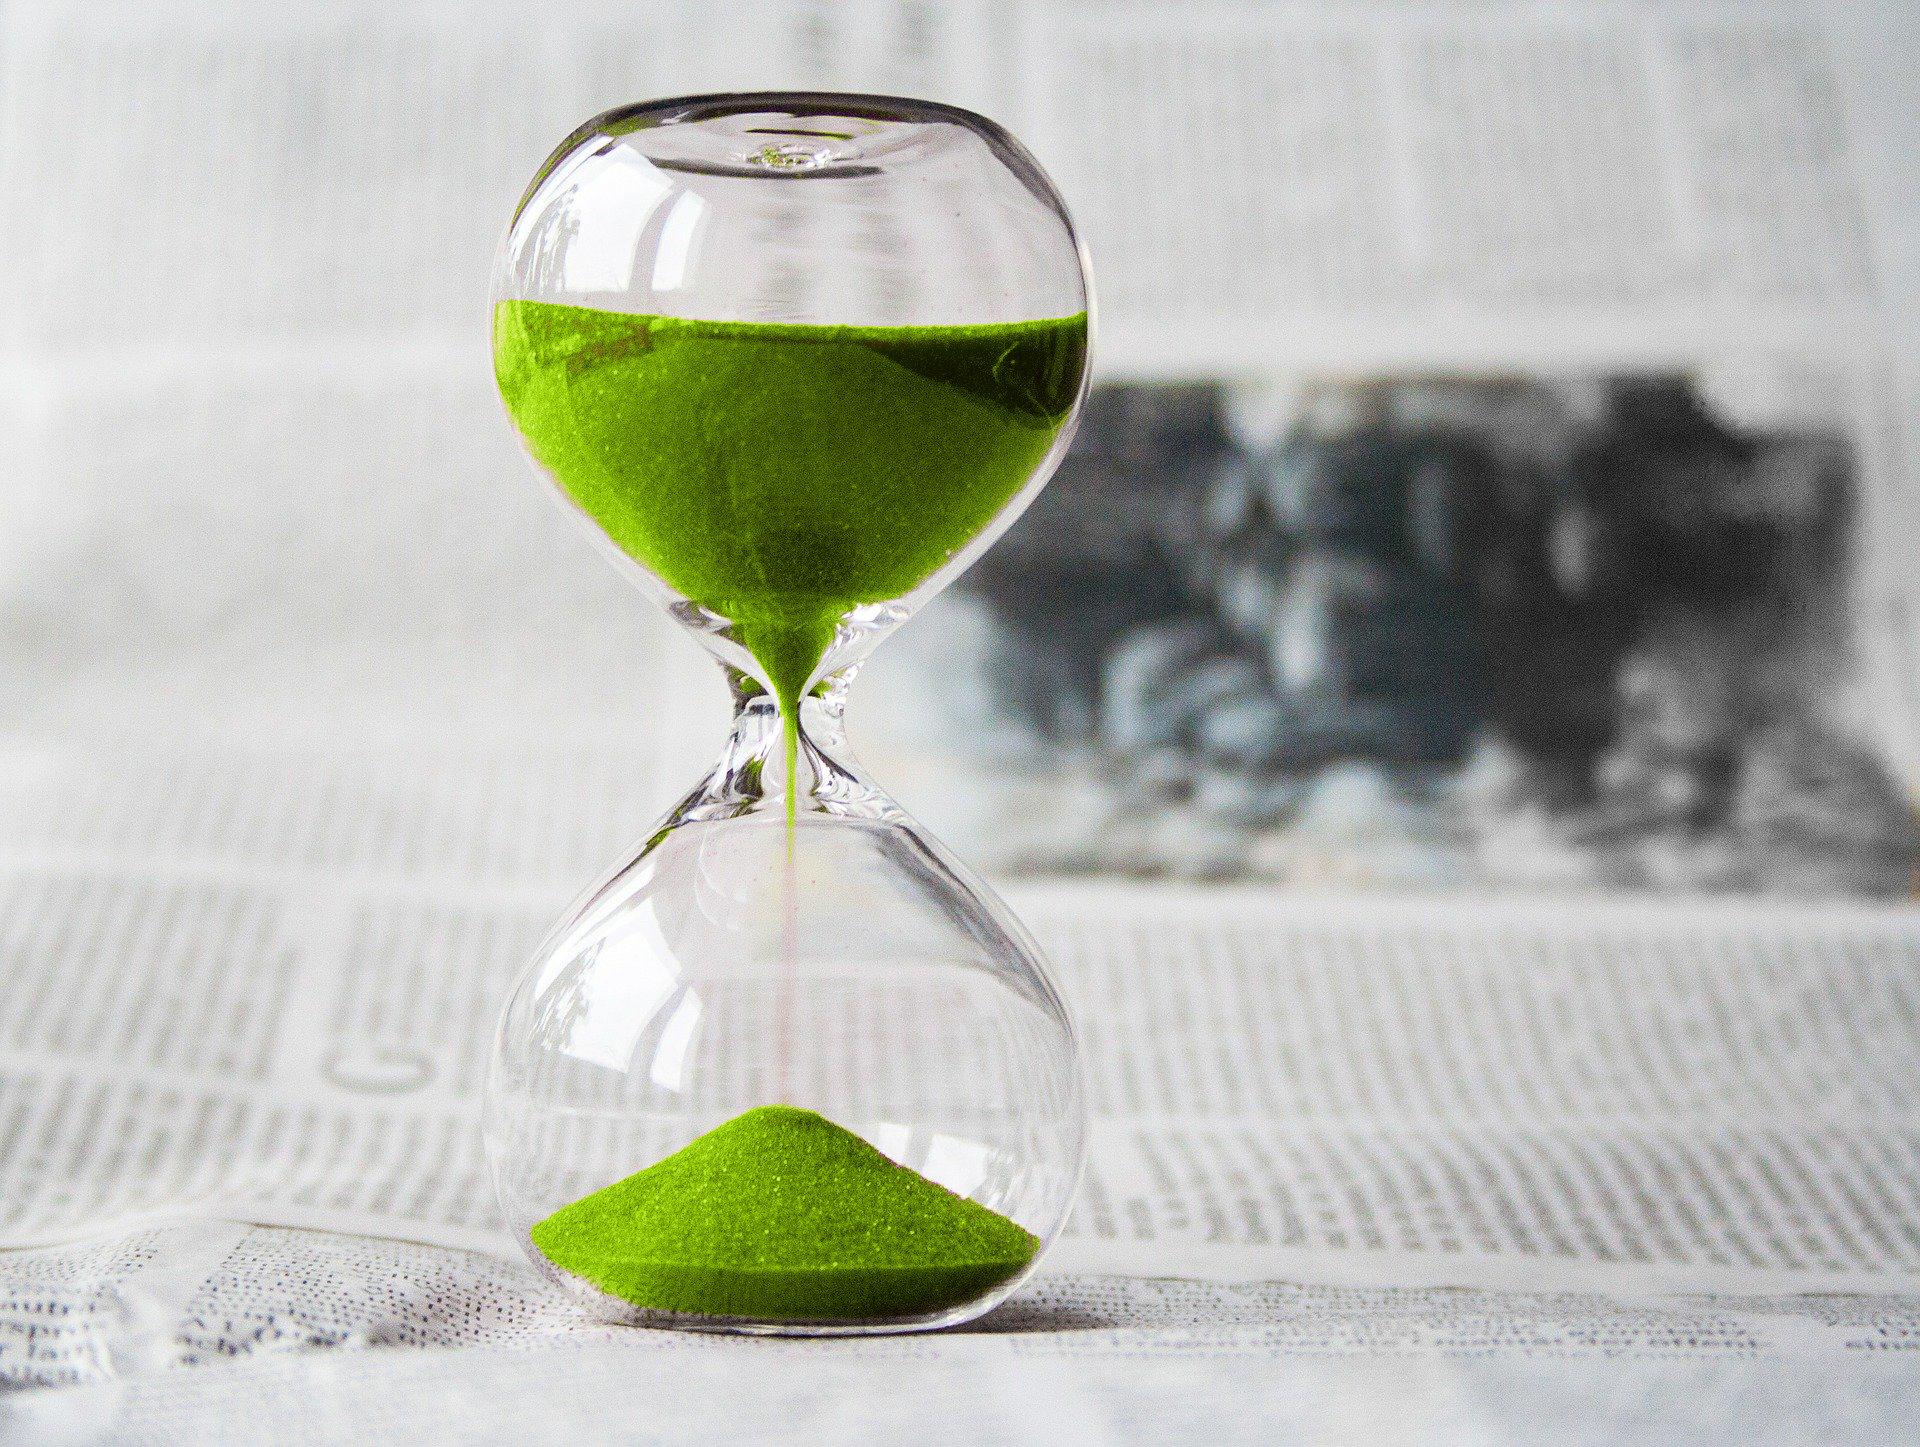 imagen de reloj de arena sobre páginas de diario